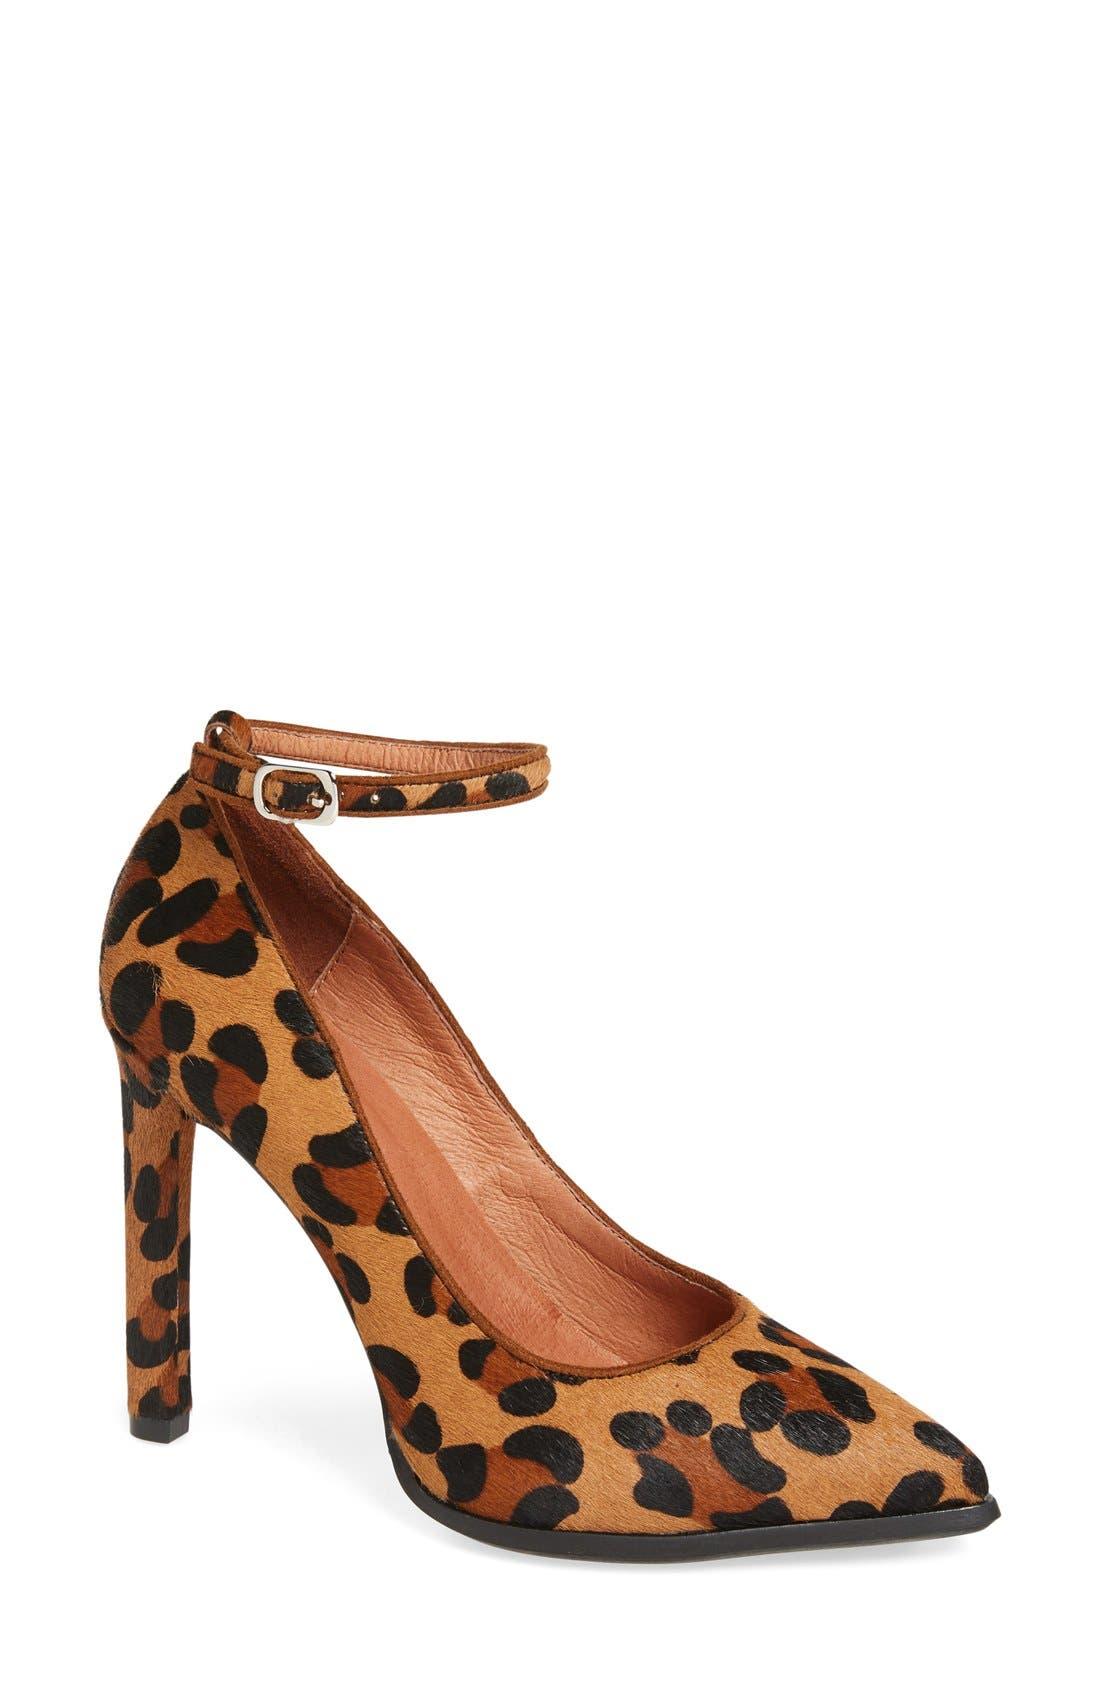 Lentine Ankle Strap Pump,                         Main,                         color, Brown Leopard